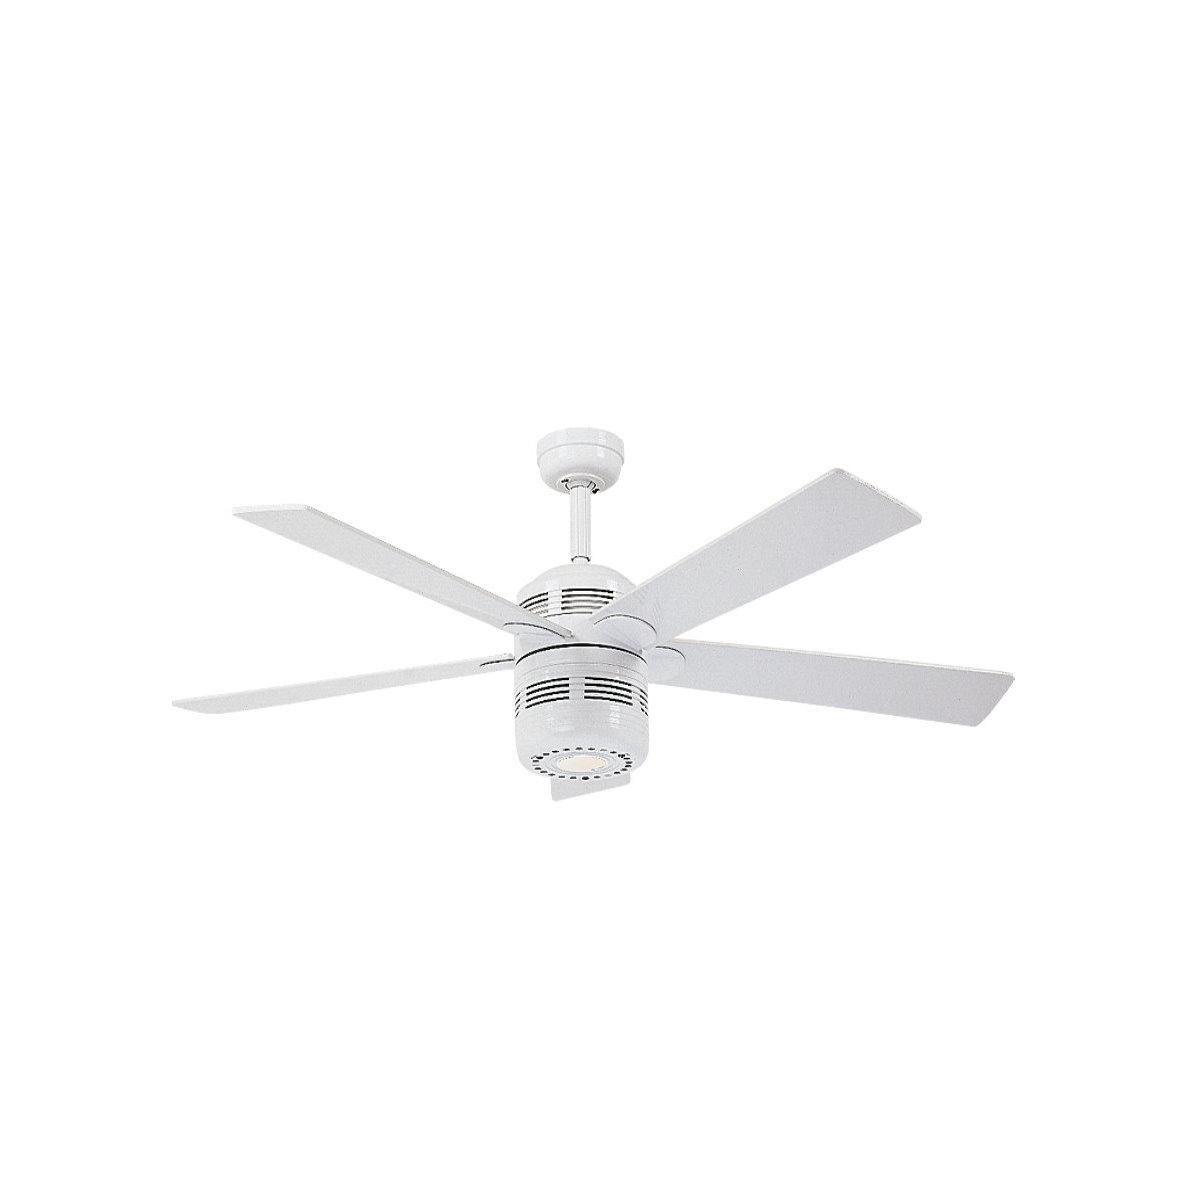 design deckenventilator licht beleuchtung decke ventilator leuchte aluminium ebay. Black Bedroom Furniture Sets. Home Design Ideas